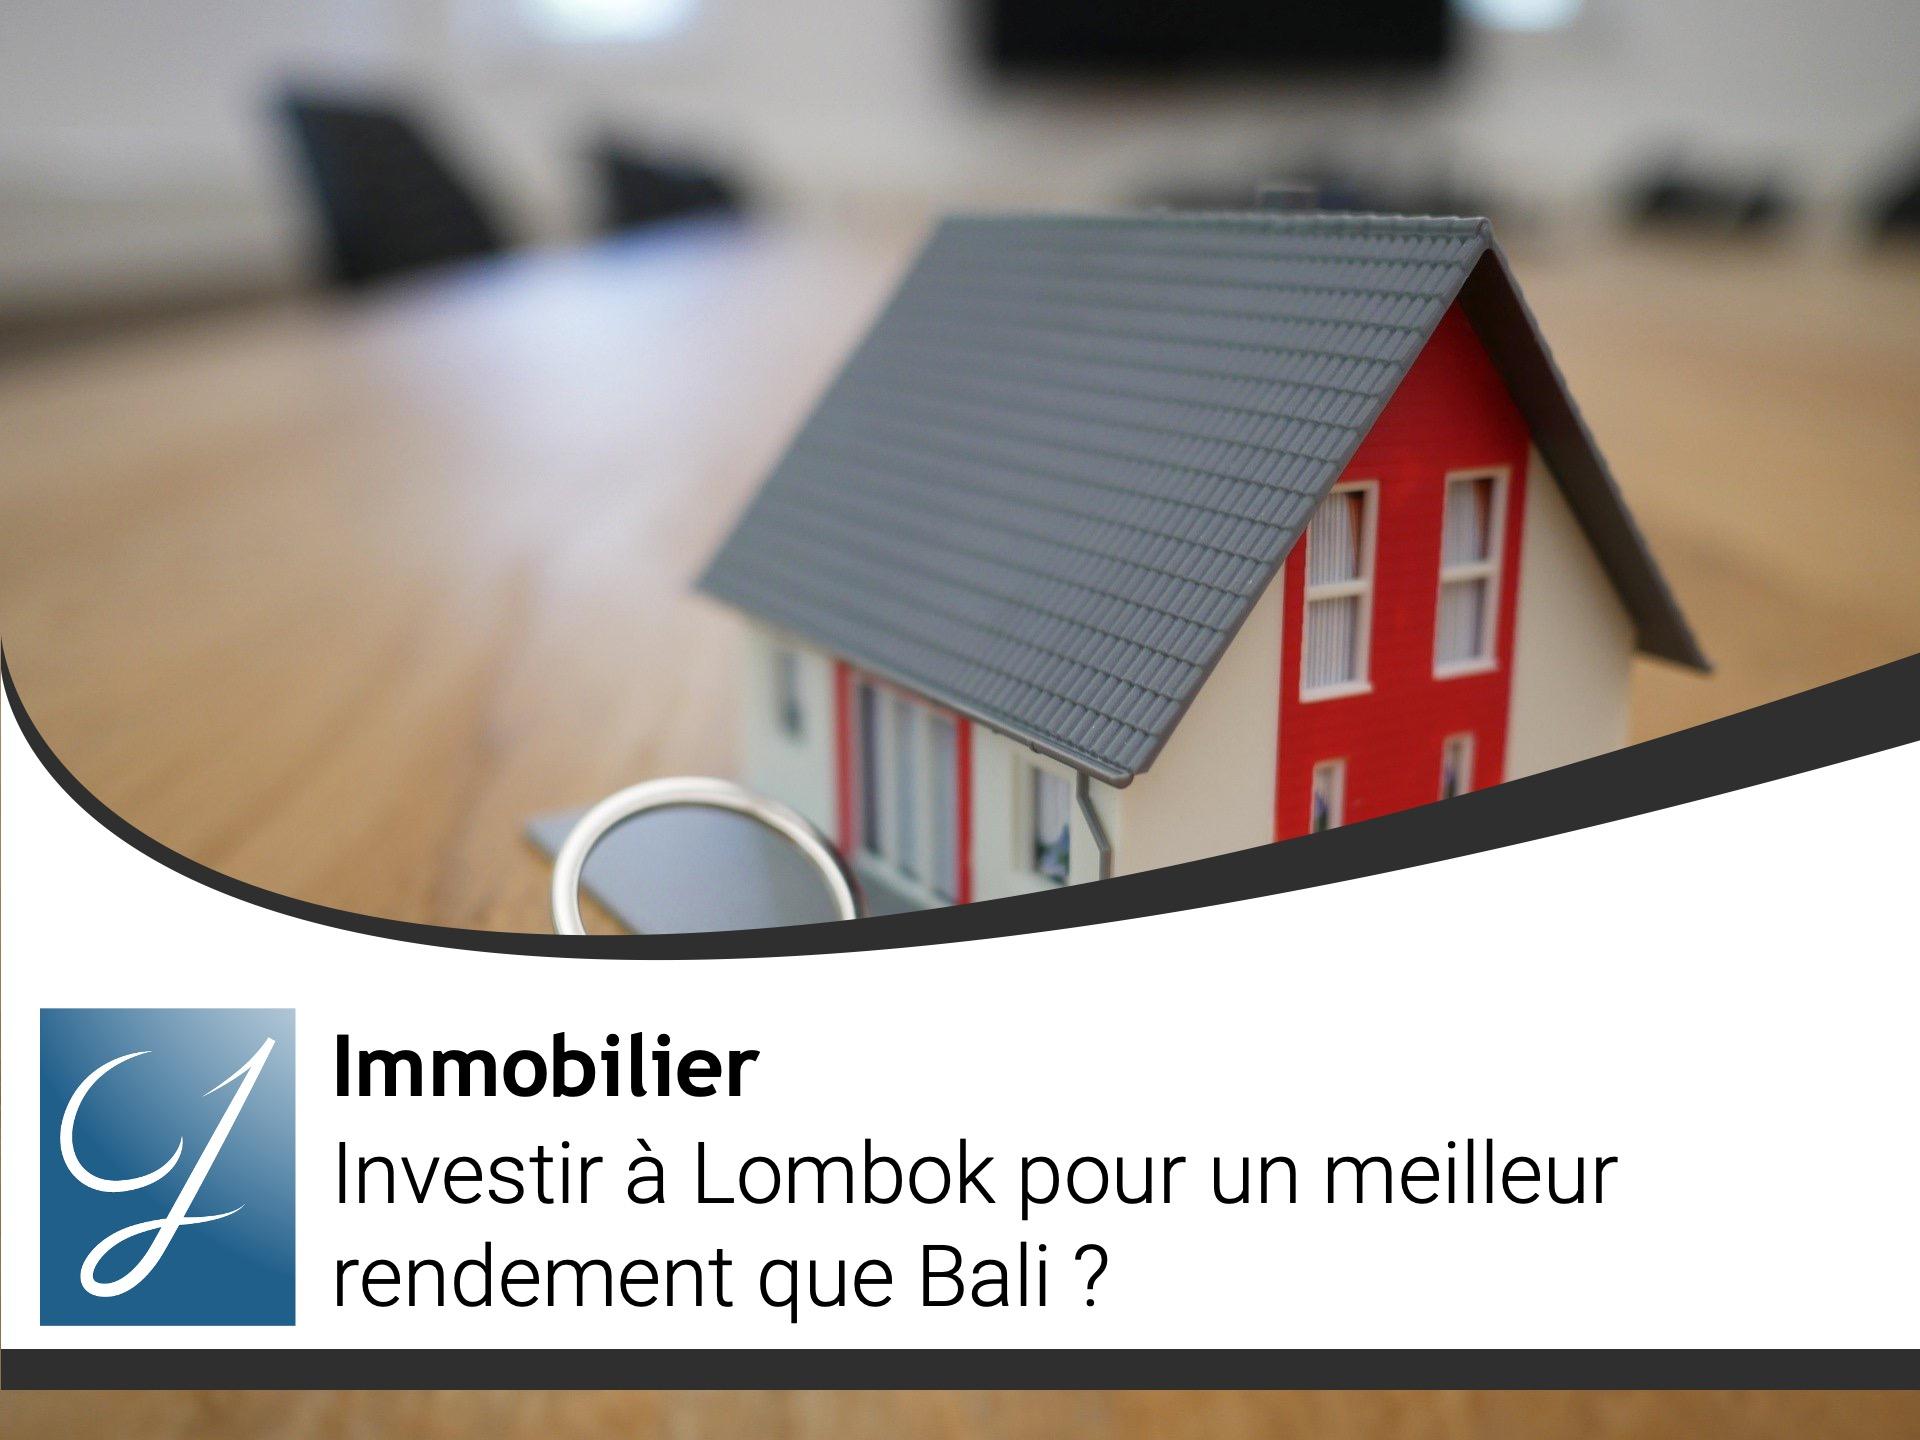 Investir à Lombok pour un meilleur rendement que Bali?